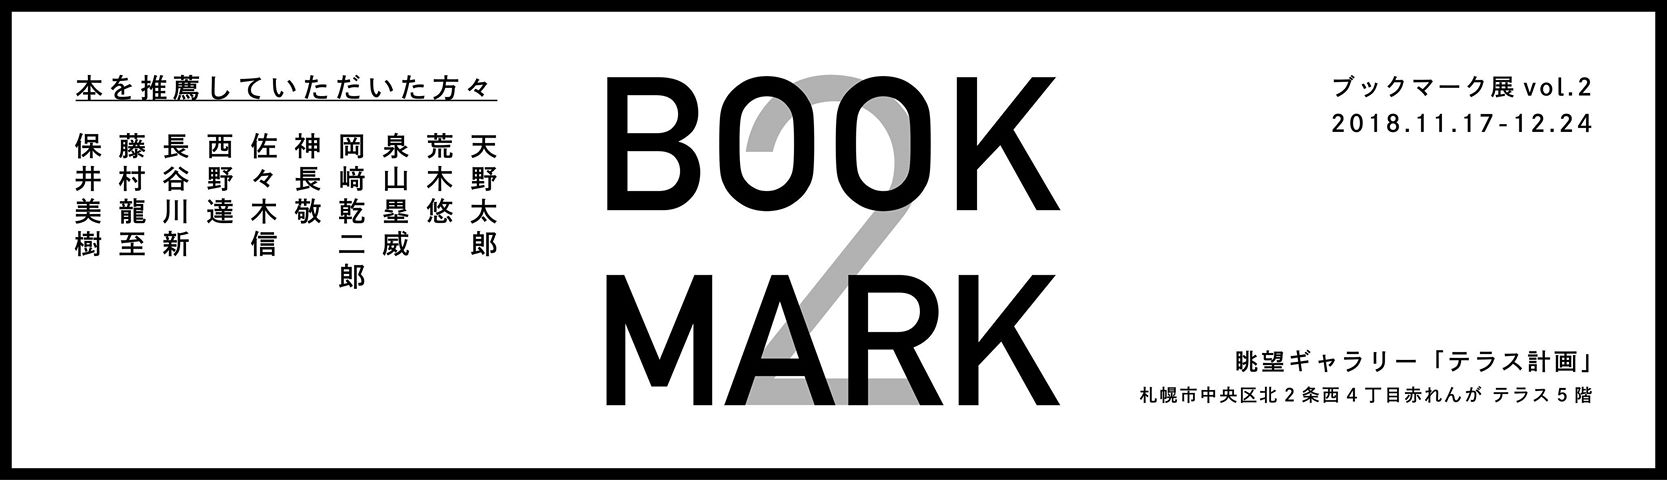 ブックマーク展vol.2ark2